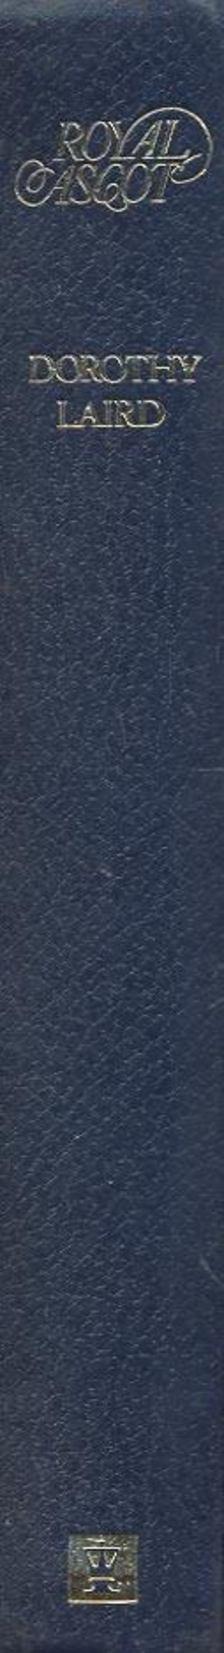 LAIRD, DOROTHY - Royal Ascot [antikvár]